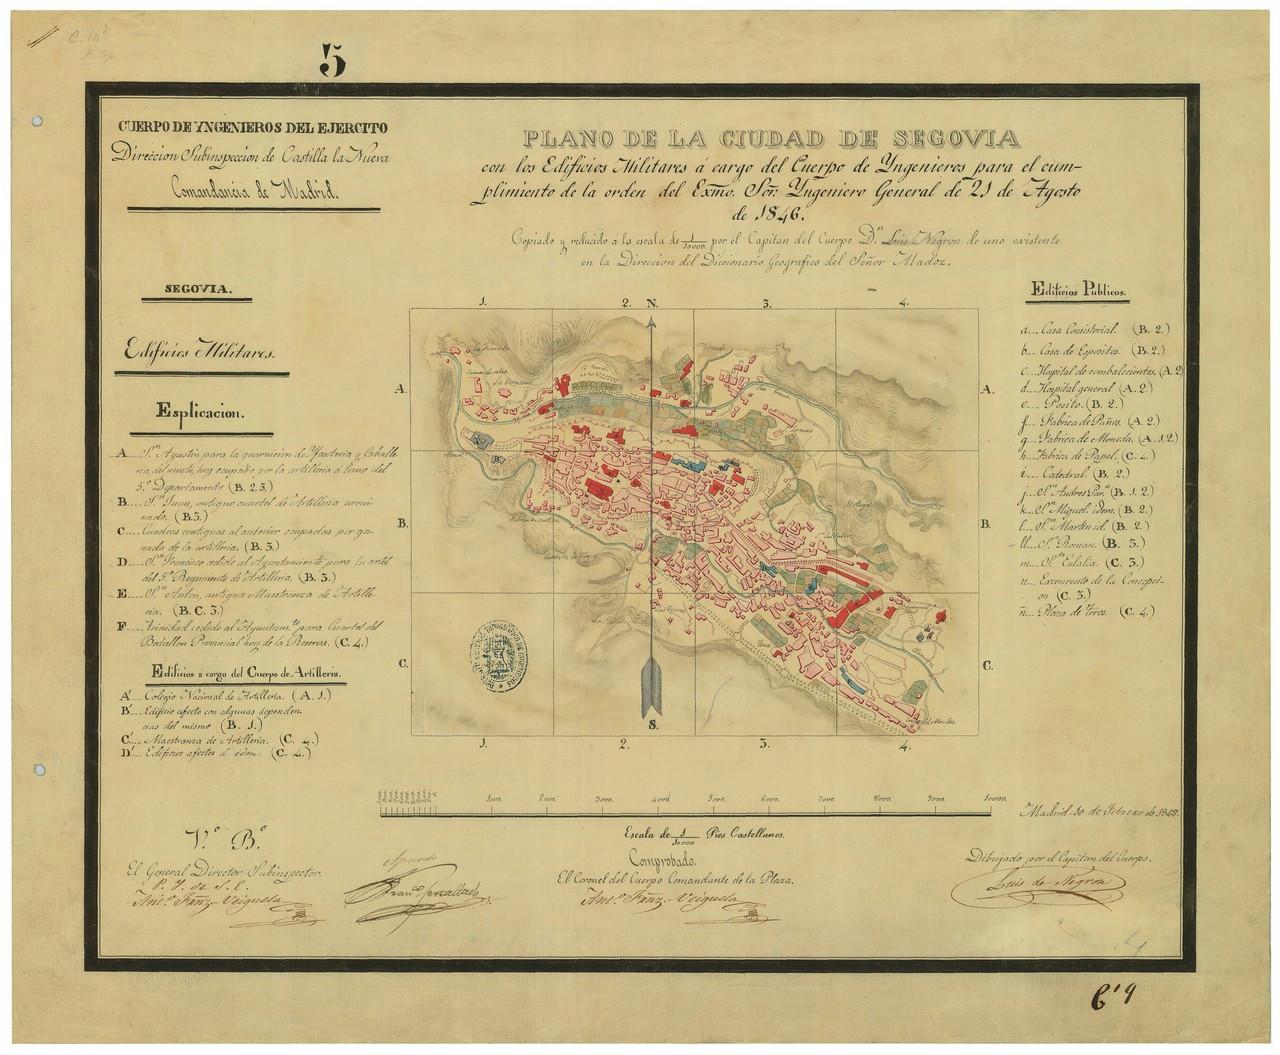 Detalle del plano de Segovia de Luís Negrón, 1846. 4.- ARCHIVO GENERAL MILITAR DE MADRID. Signatura SG 01-10.